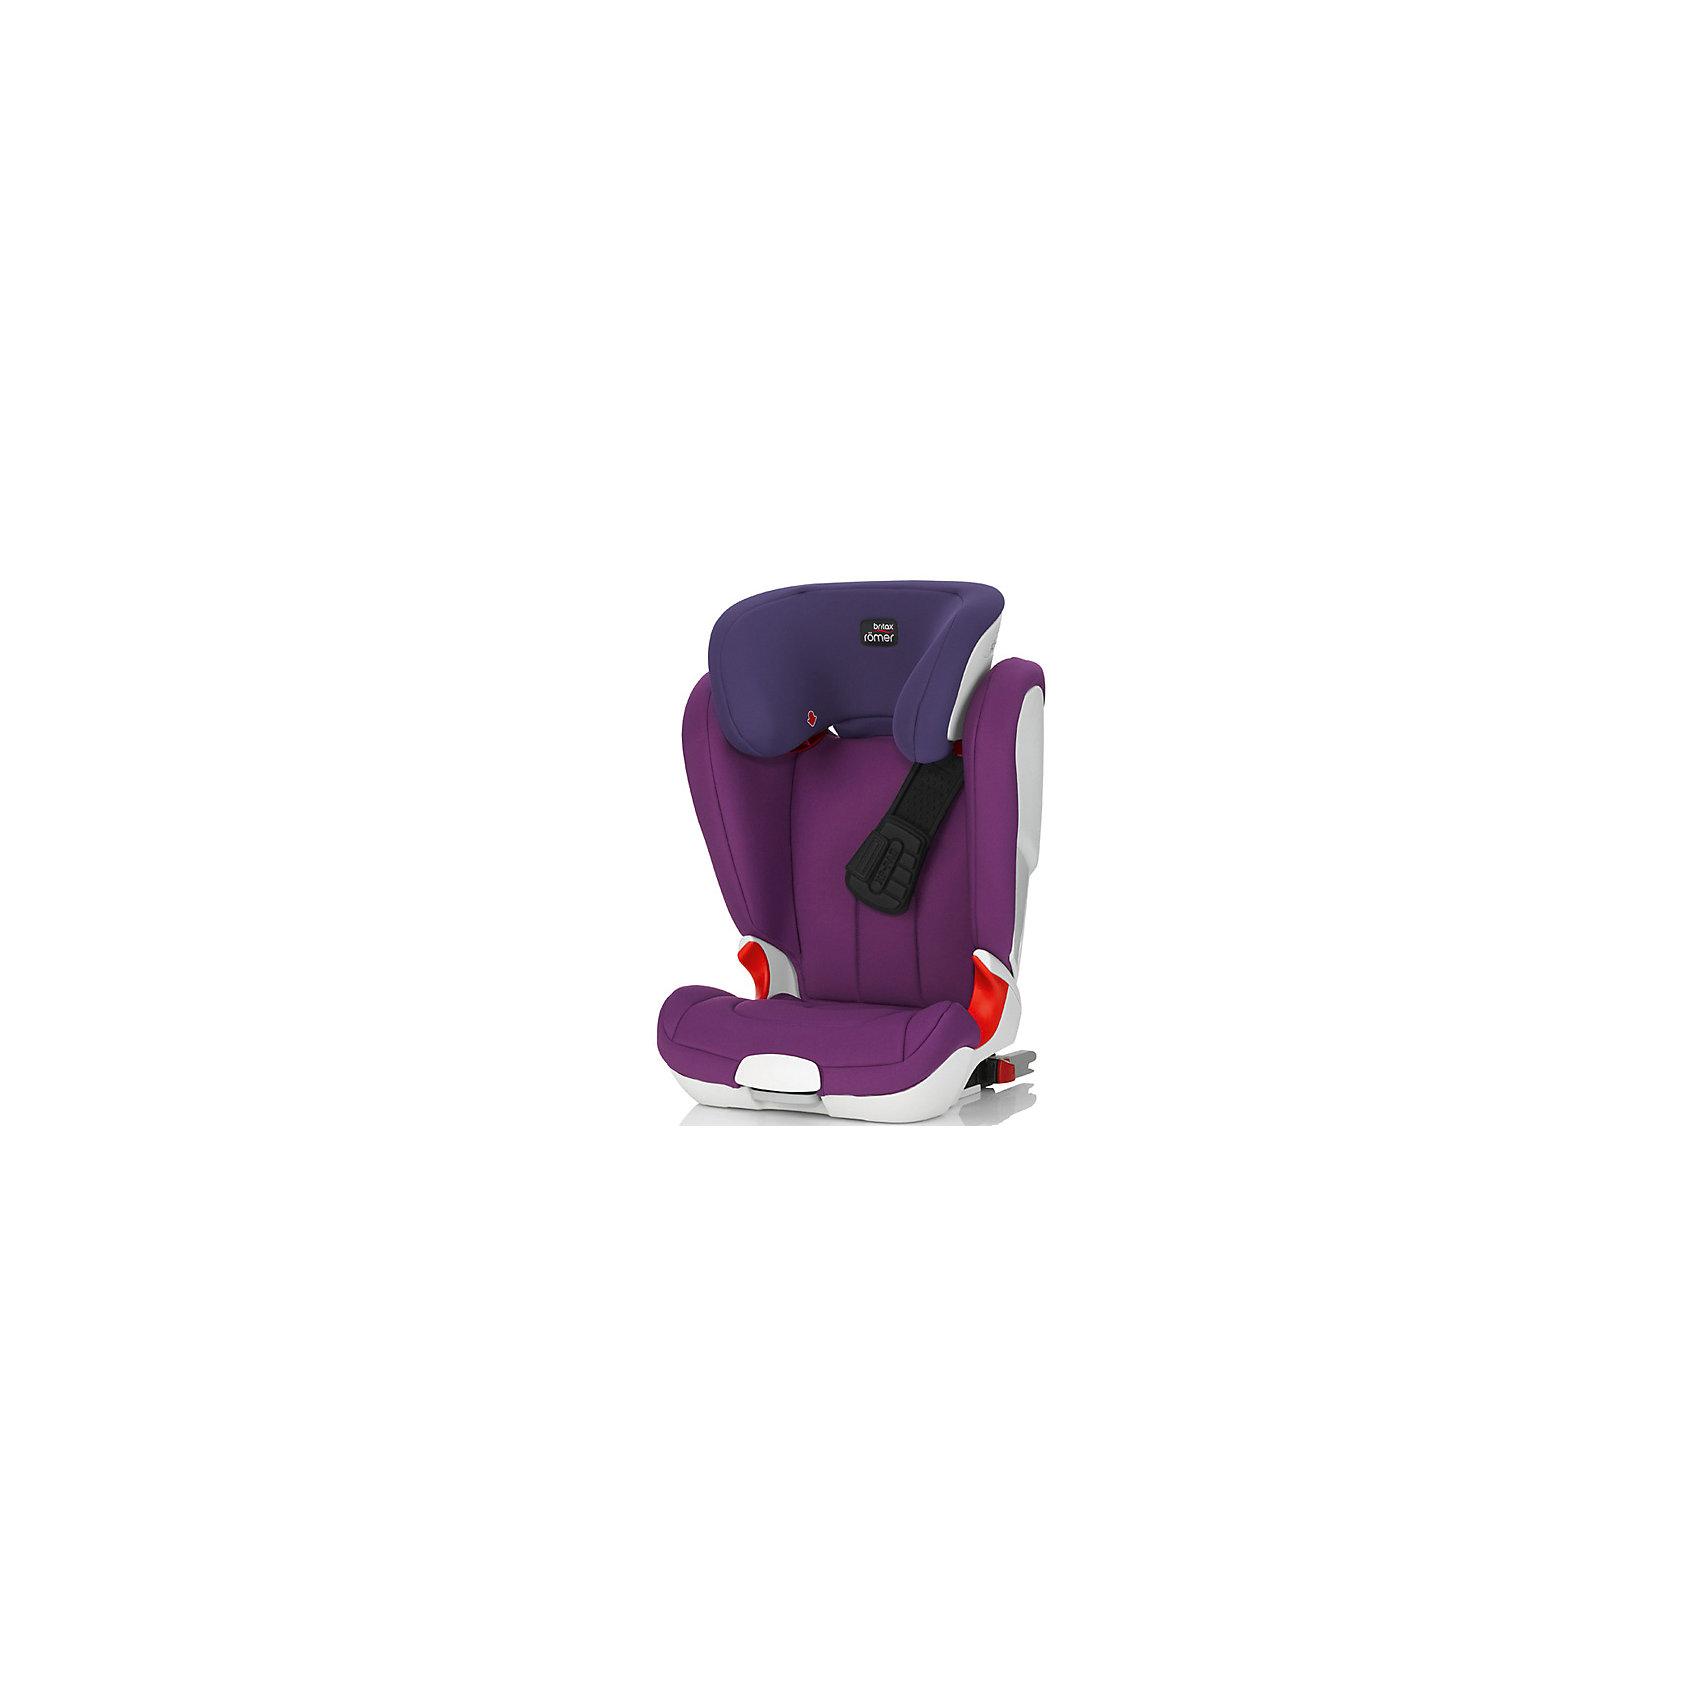 Britax Römer Автокресло KIDFIX XP, 15-36 кг., Britax Roemer, Mineral Purple автокресло britax roemer britax roemer автокресло kidfix xp mineral purple trendline